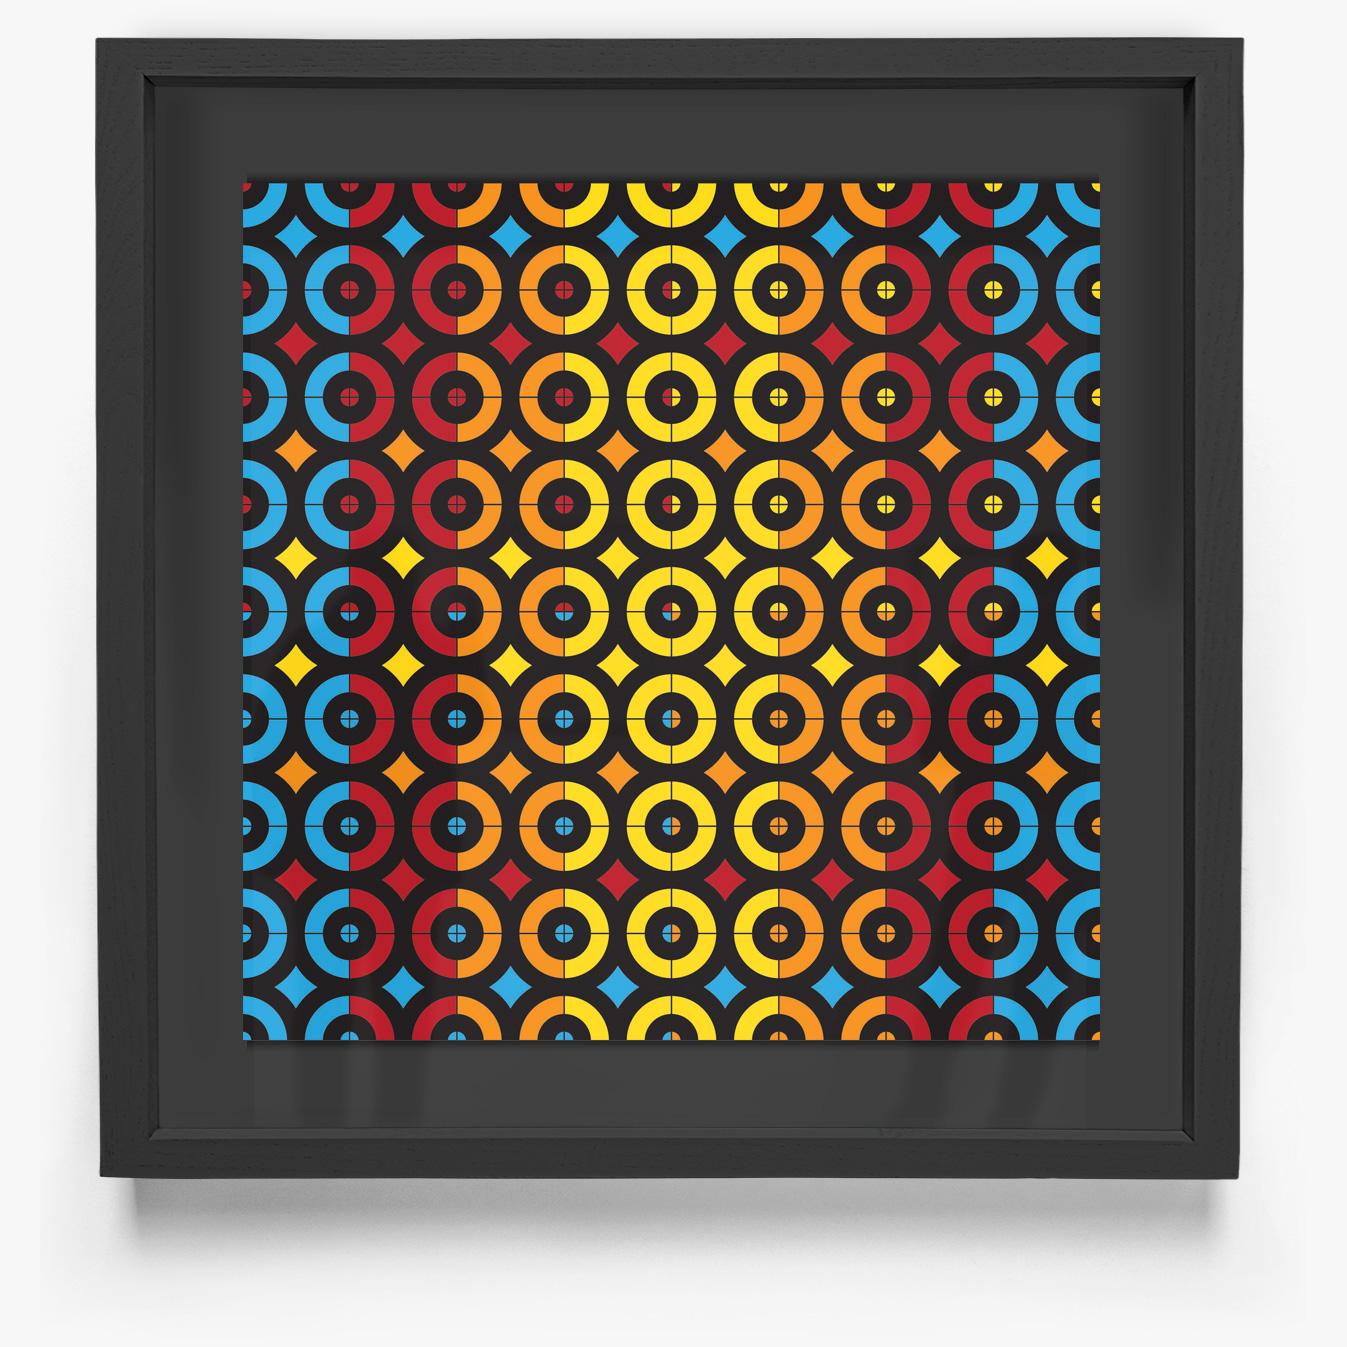 50x50_Circles_02